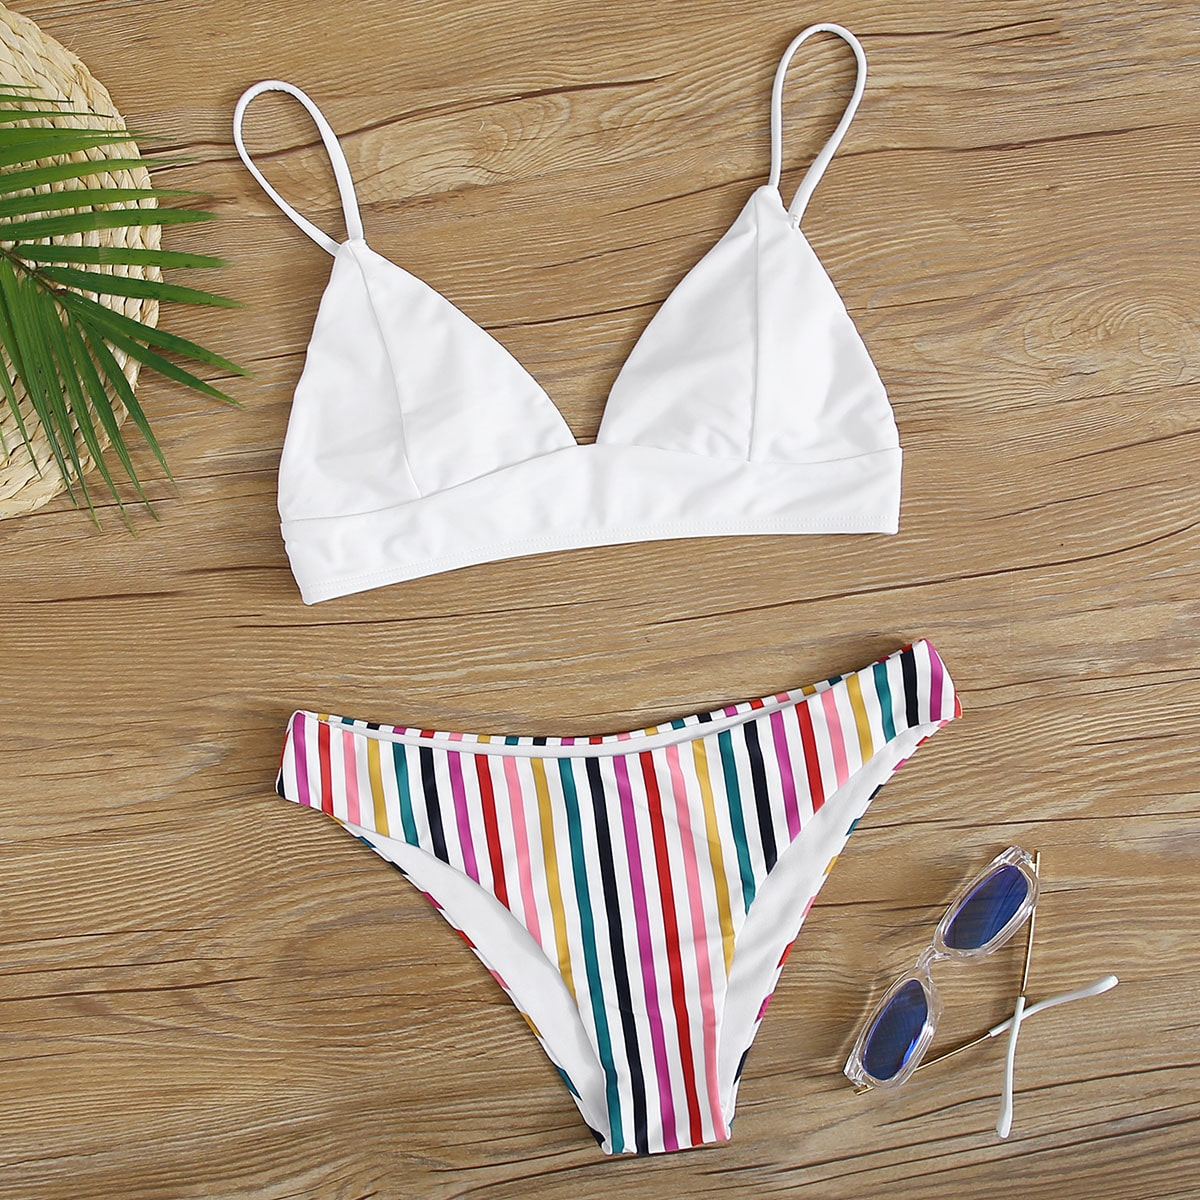 SHEIN / Dreieckige Bikini Badekleidung mit Regenbogen Streifen